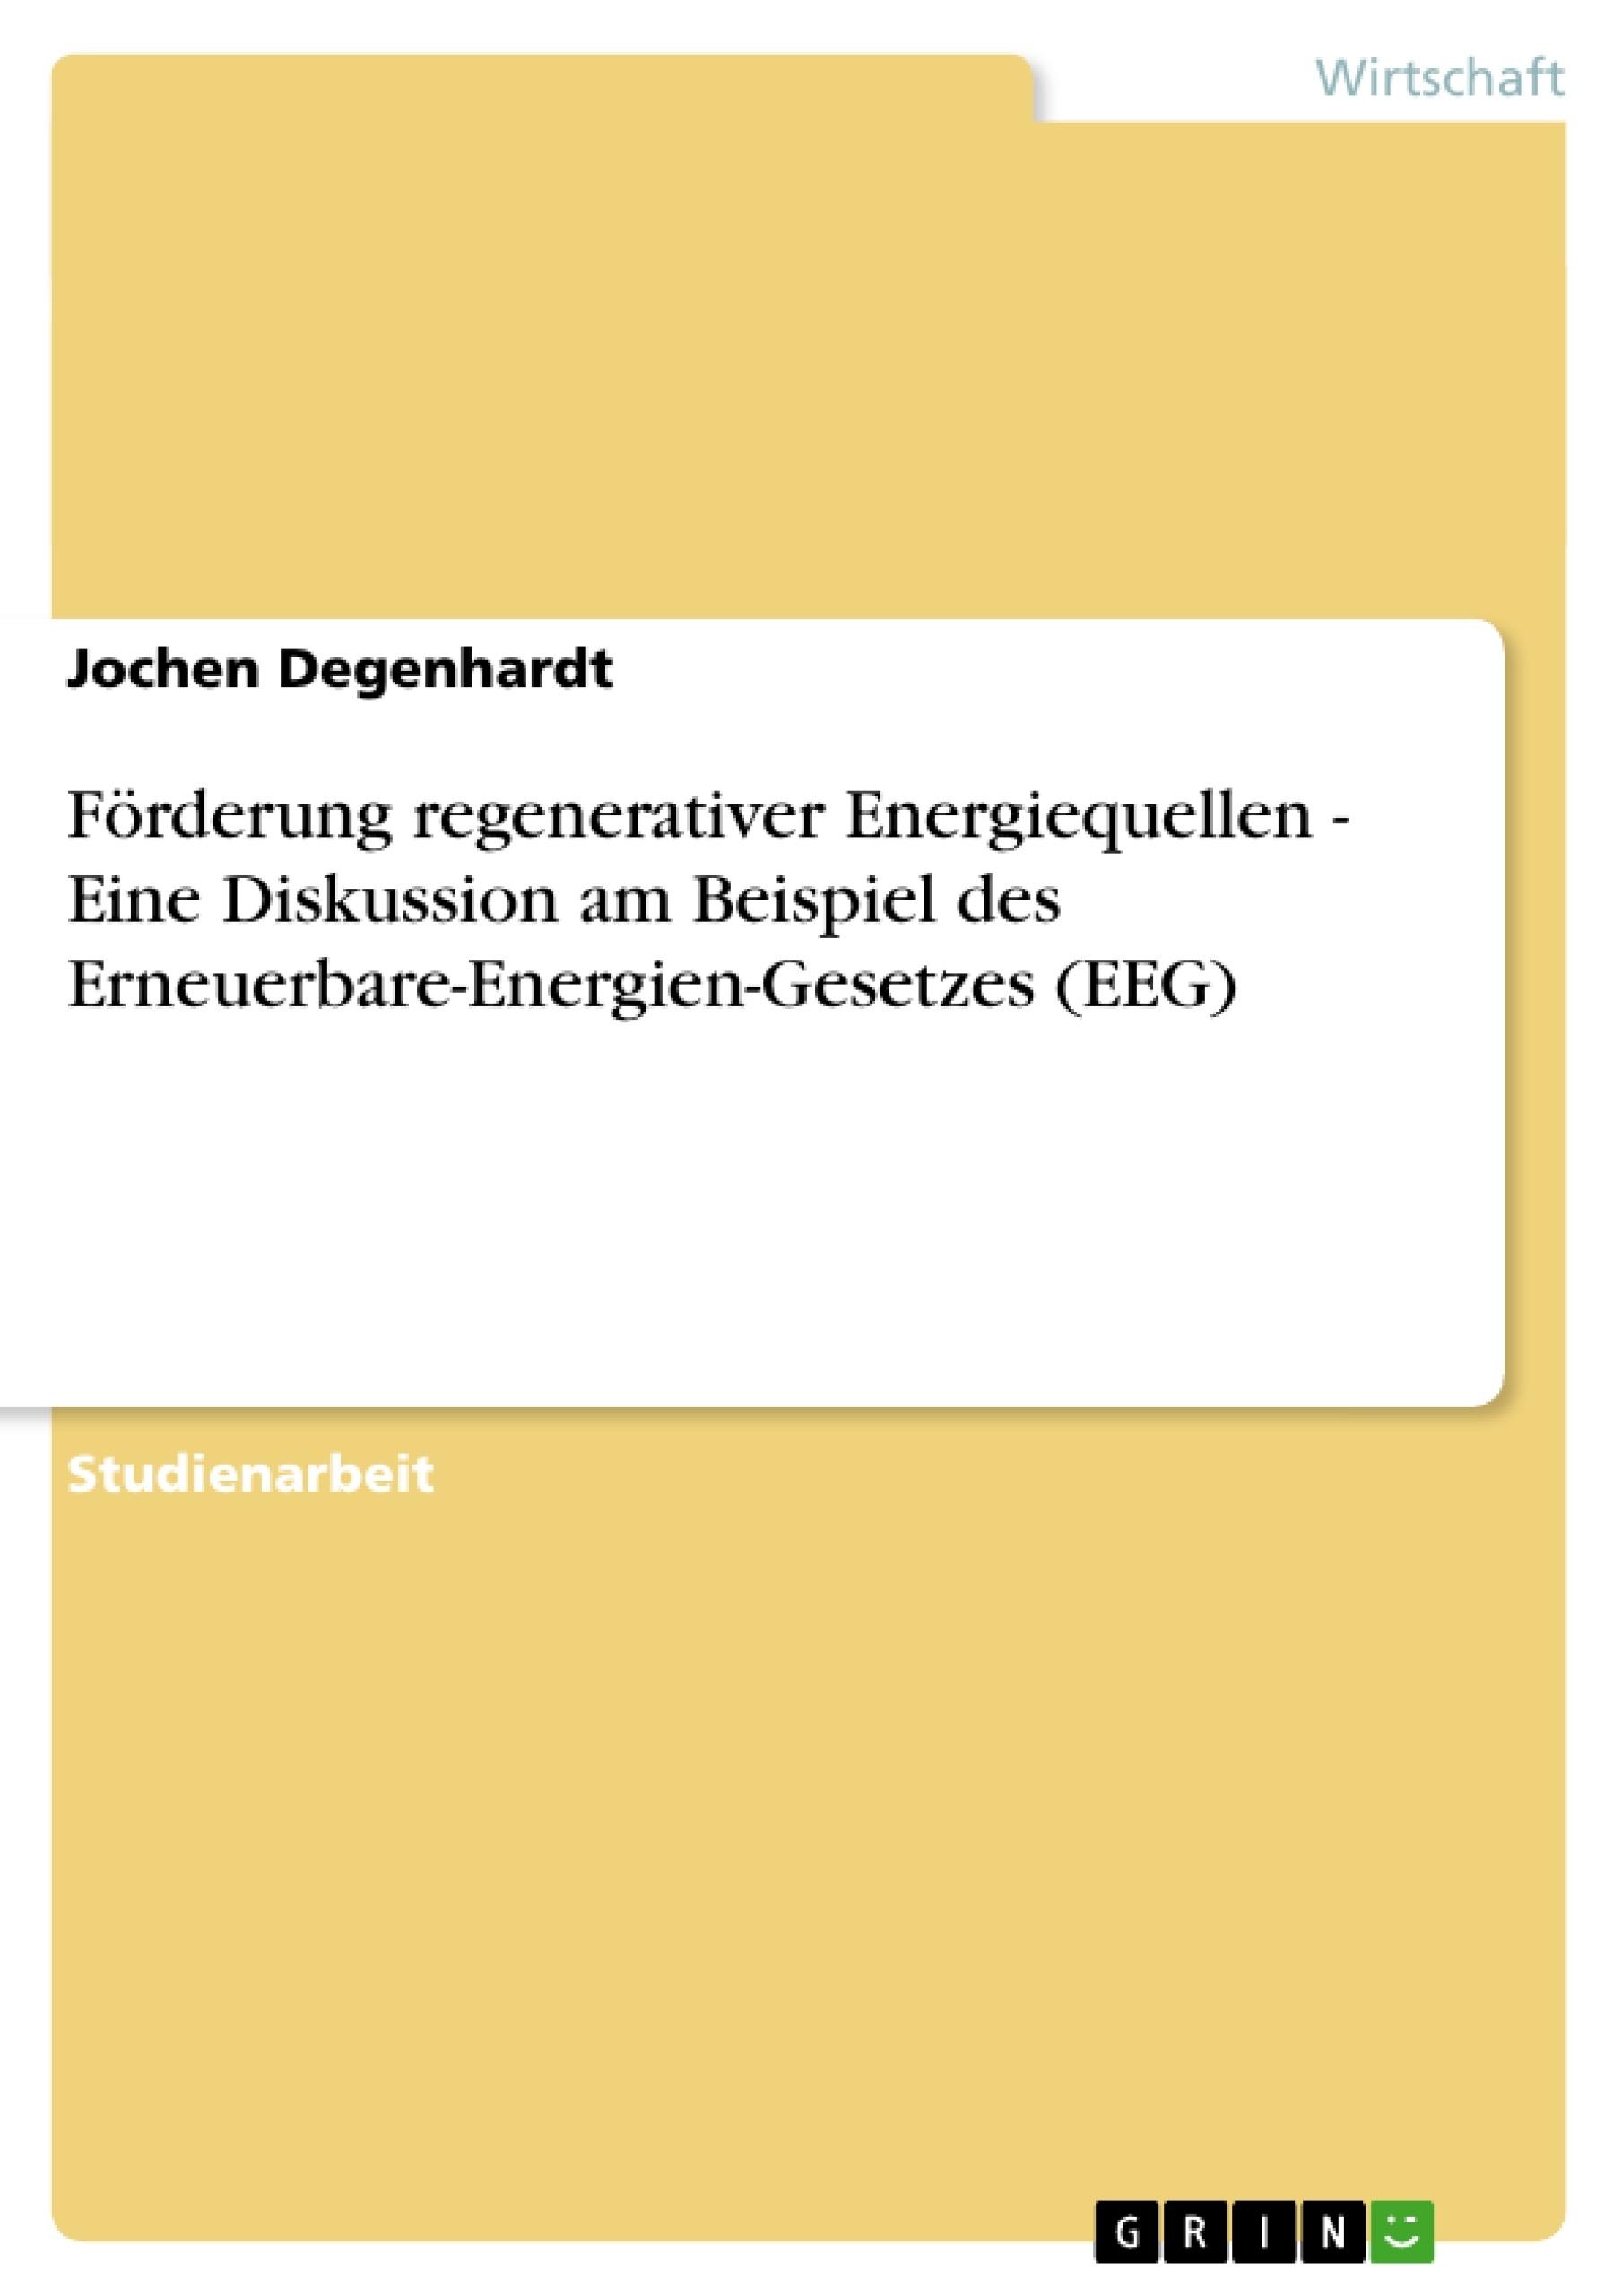 Titel: Förderung regenerativer Energiequellen - Eine Diskussion am Beispiel des Erneuerbare-Energien-Gesetzes (EEG)